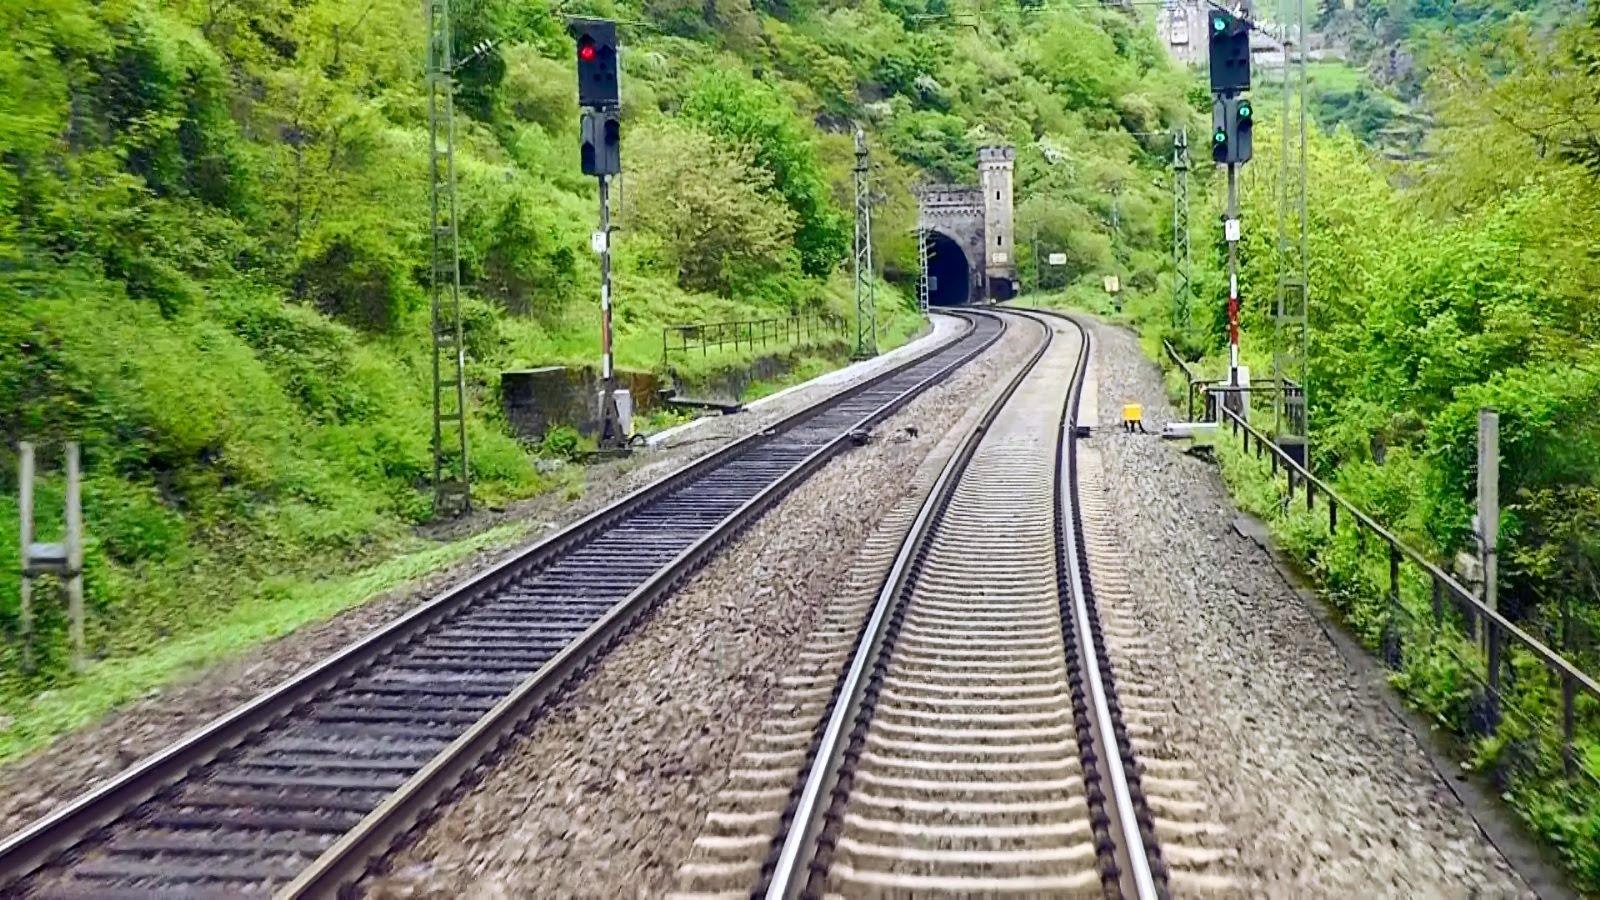 DB Bahn – Nr. 20 – Führerstandmitfahrt – Von Bingen ( Rhein ) Hbf nach Koblenz Hbf – BR 612